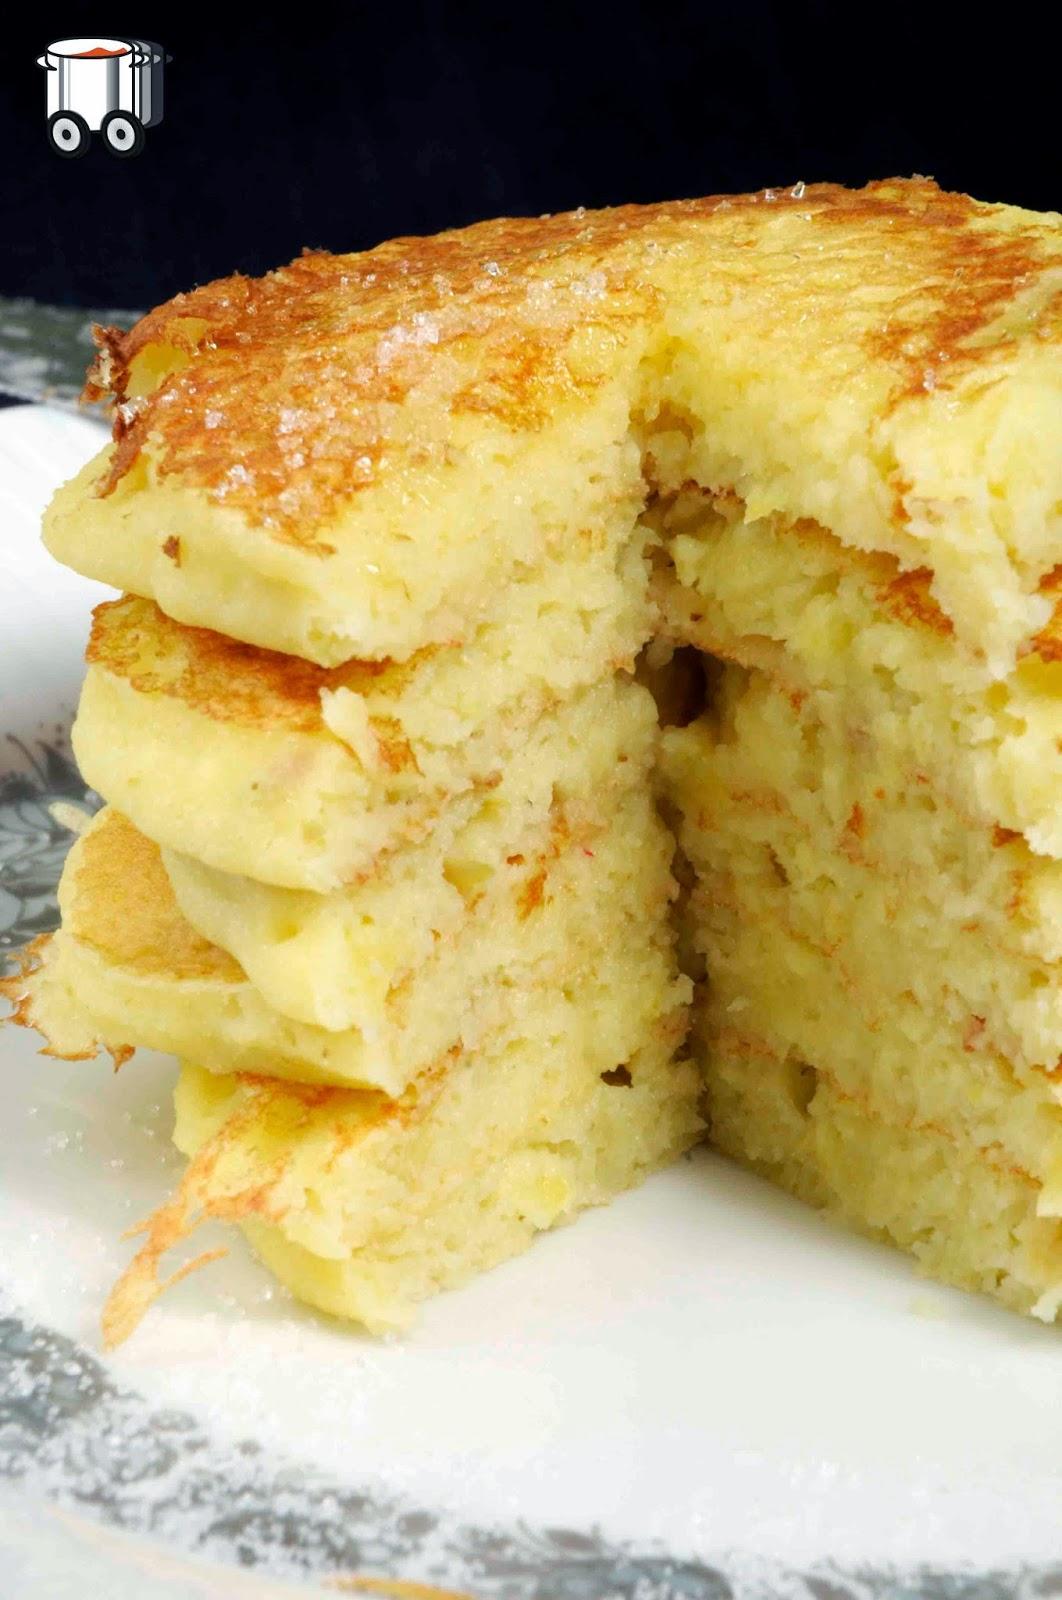 Szybko Tanio Smacznie - Jabłkowe placuszki dla alergika i nie tylko (laz laktozy, bez glutenu, bez cukru, bez tłuszczu)